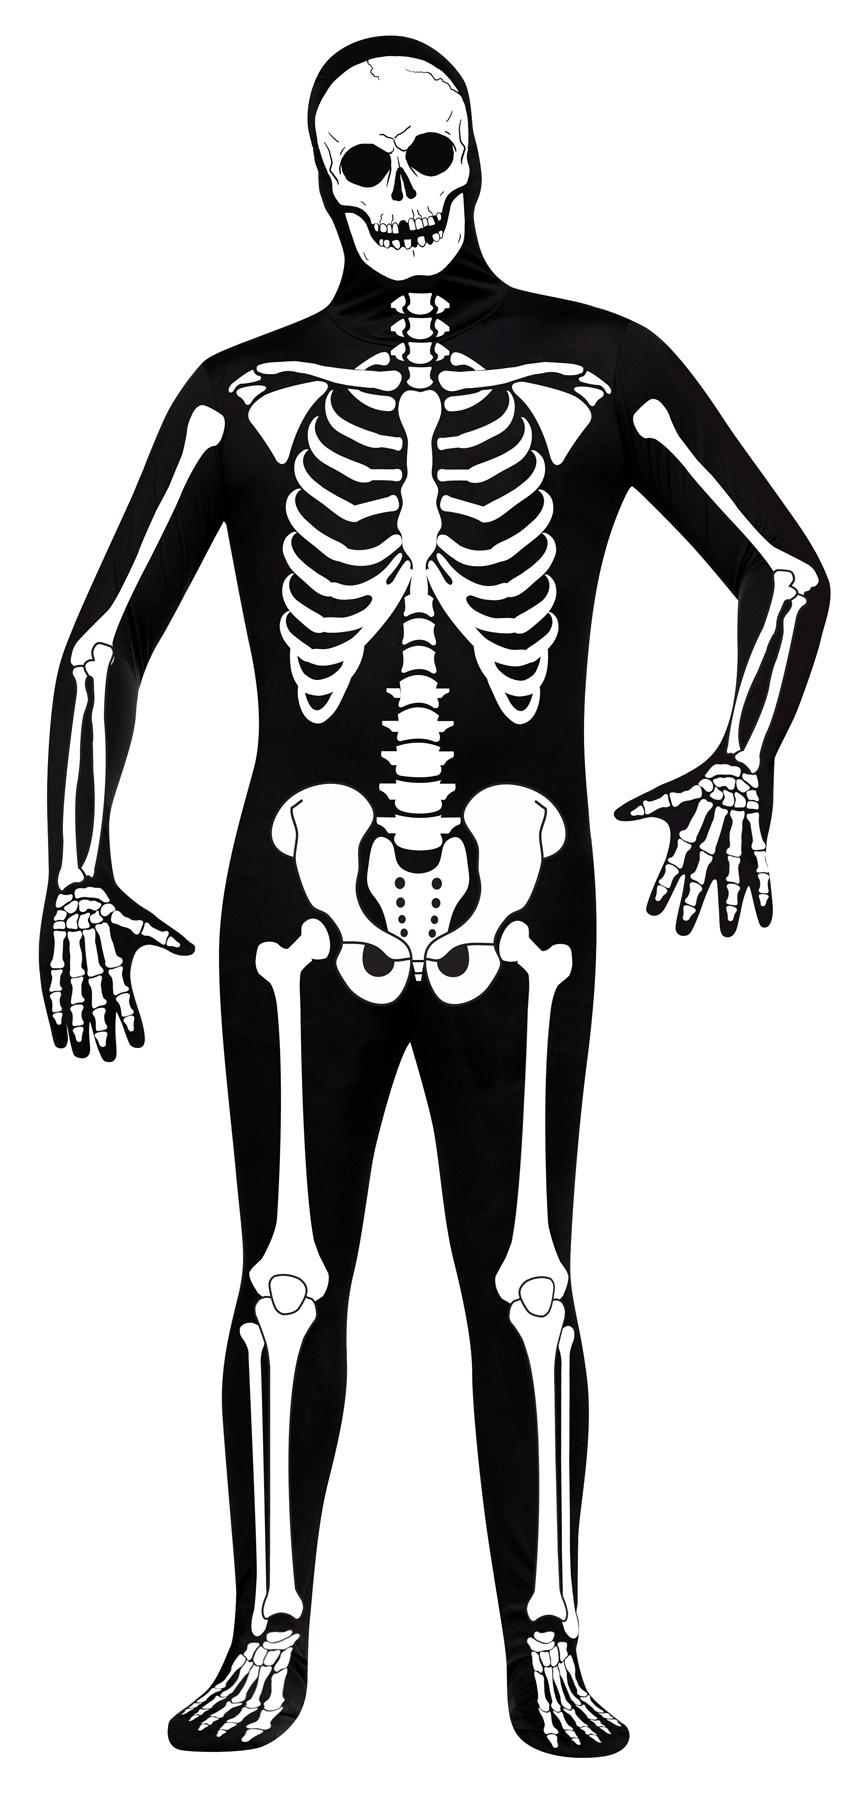 гриб кости вырезать картинки таких упражнений